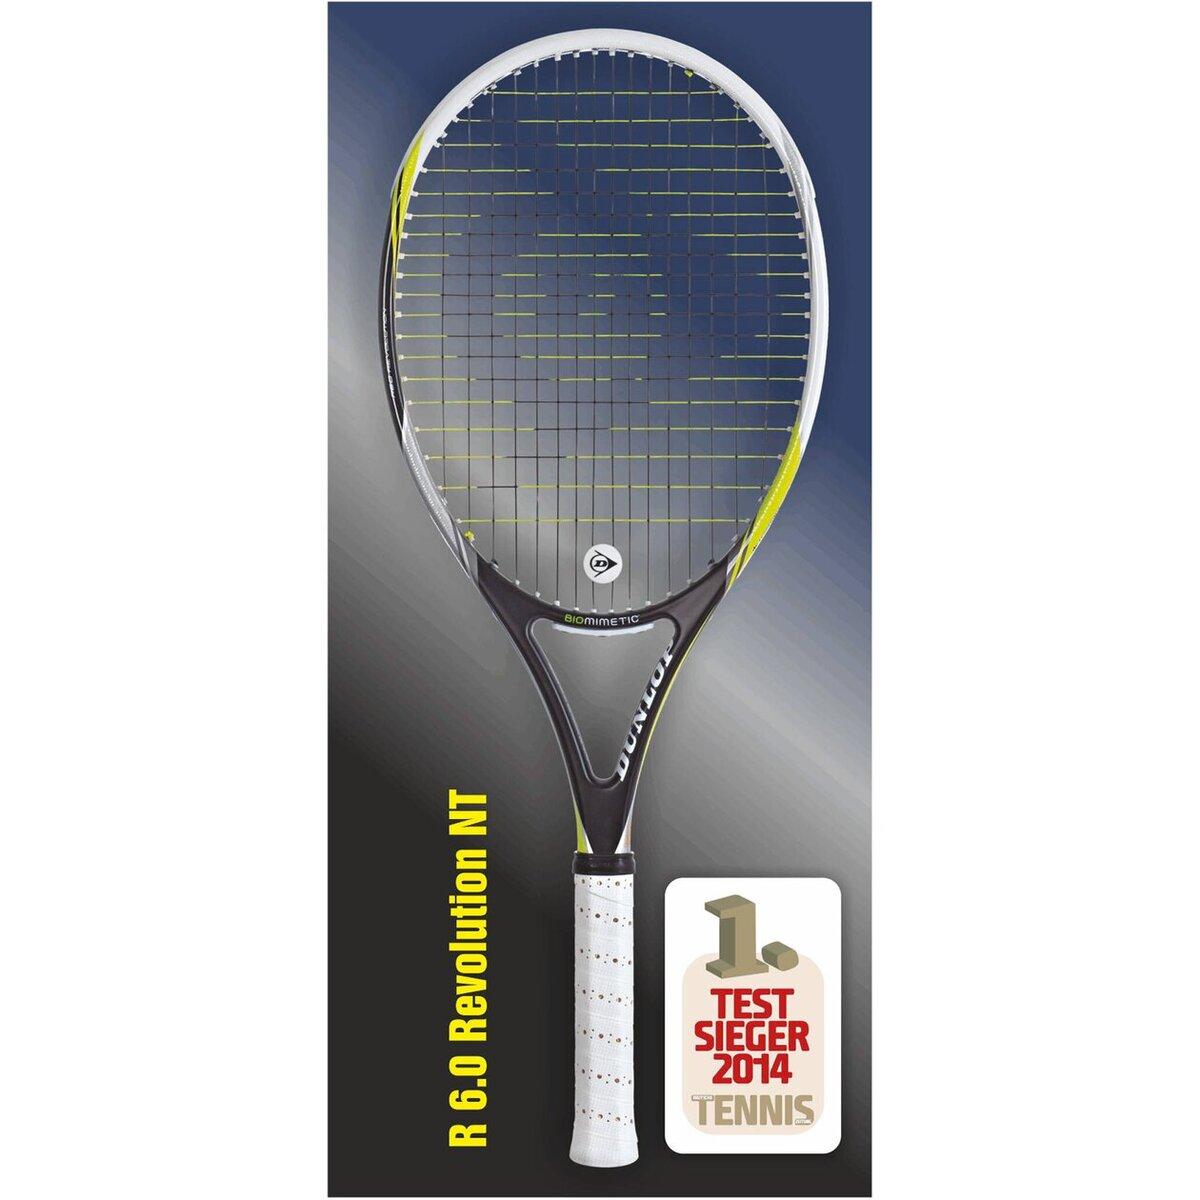 Bild 2 von DUNLOP Tennisschläger R6.0 Revolution NT - unbesaitet